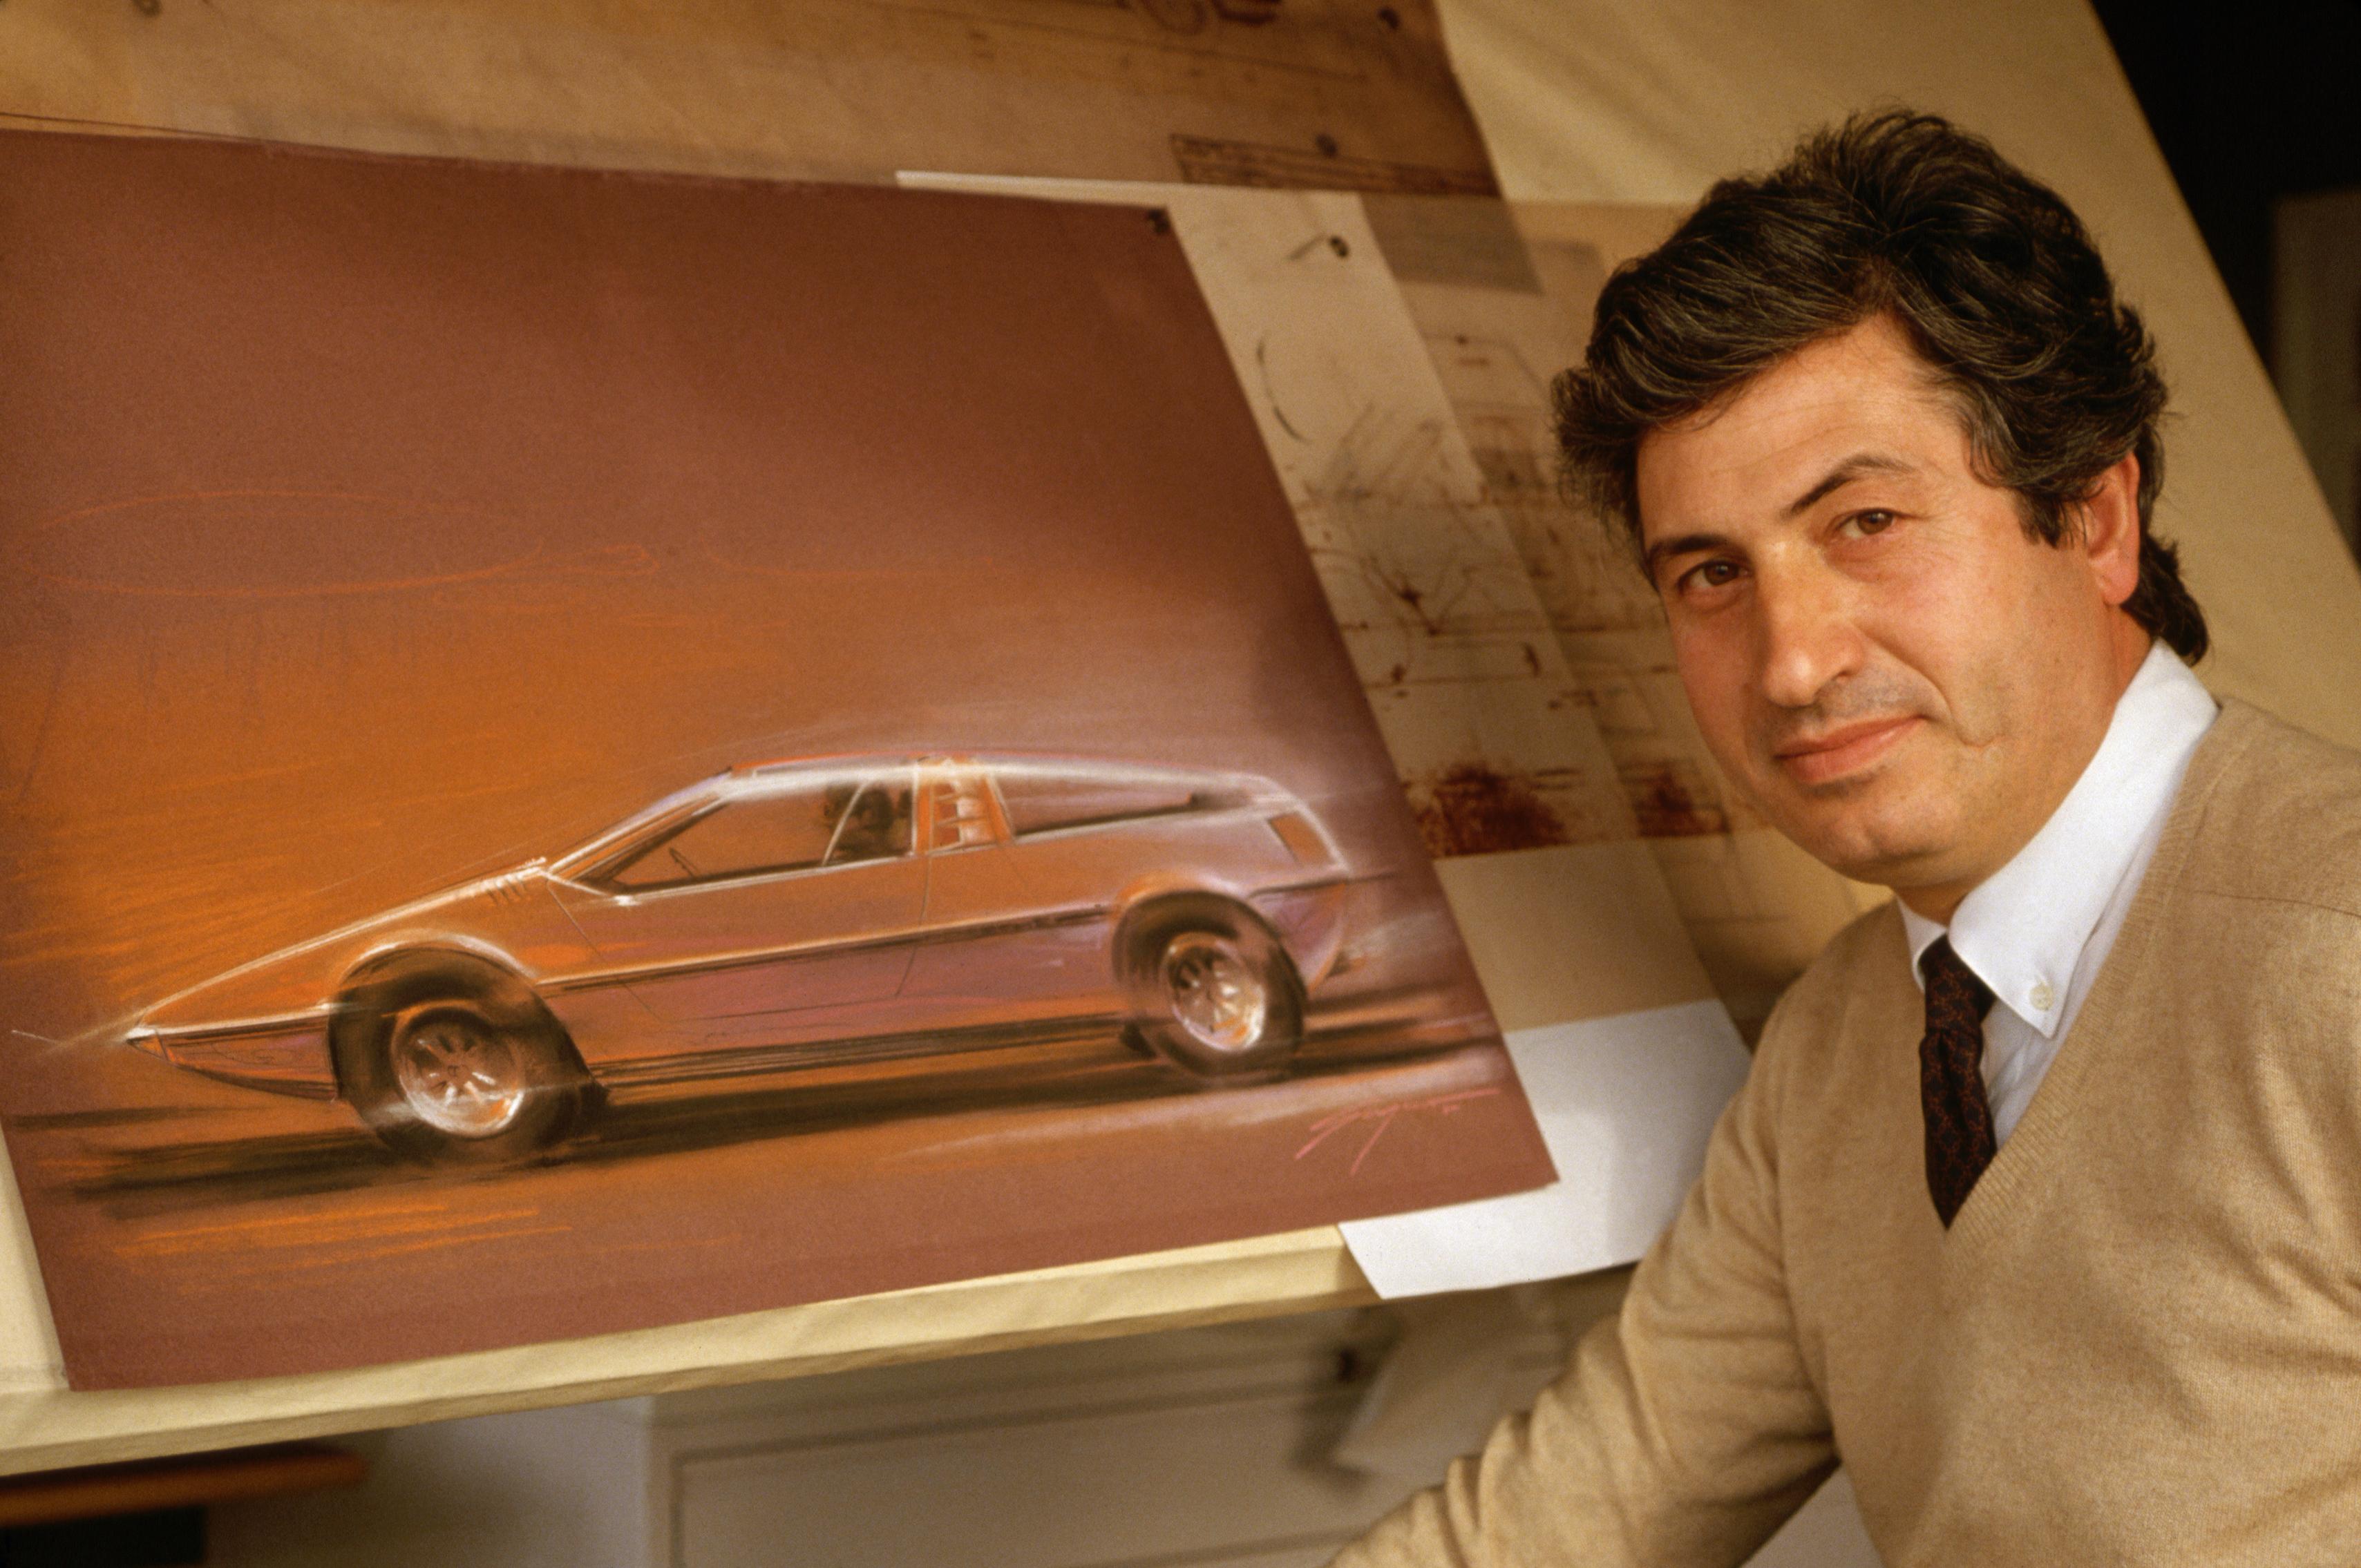 Giorgetto Giugiaro The 20th Century S Most Influential Car Designer Cnn Style